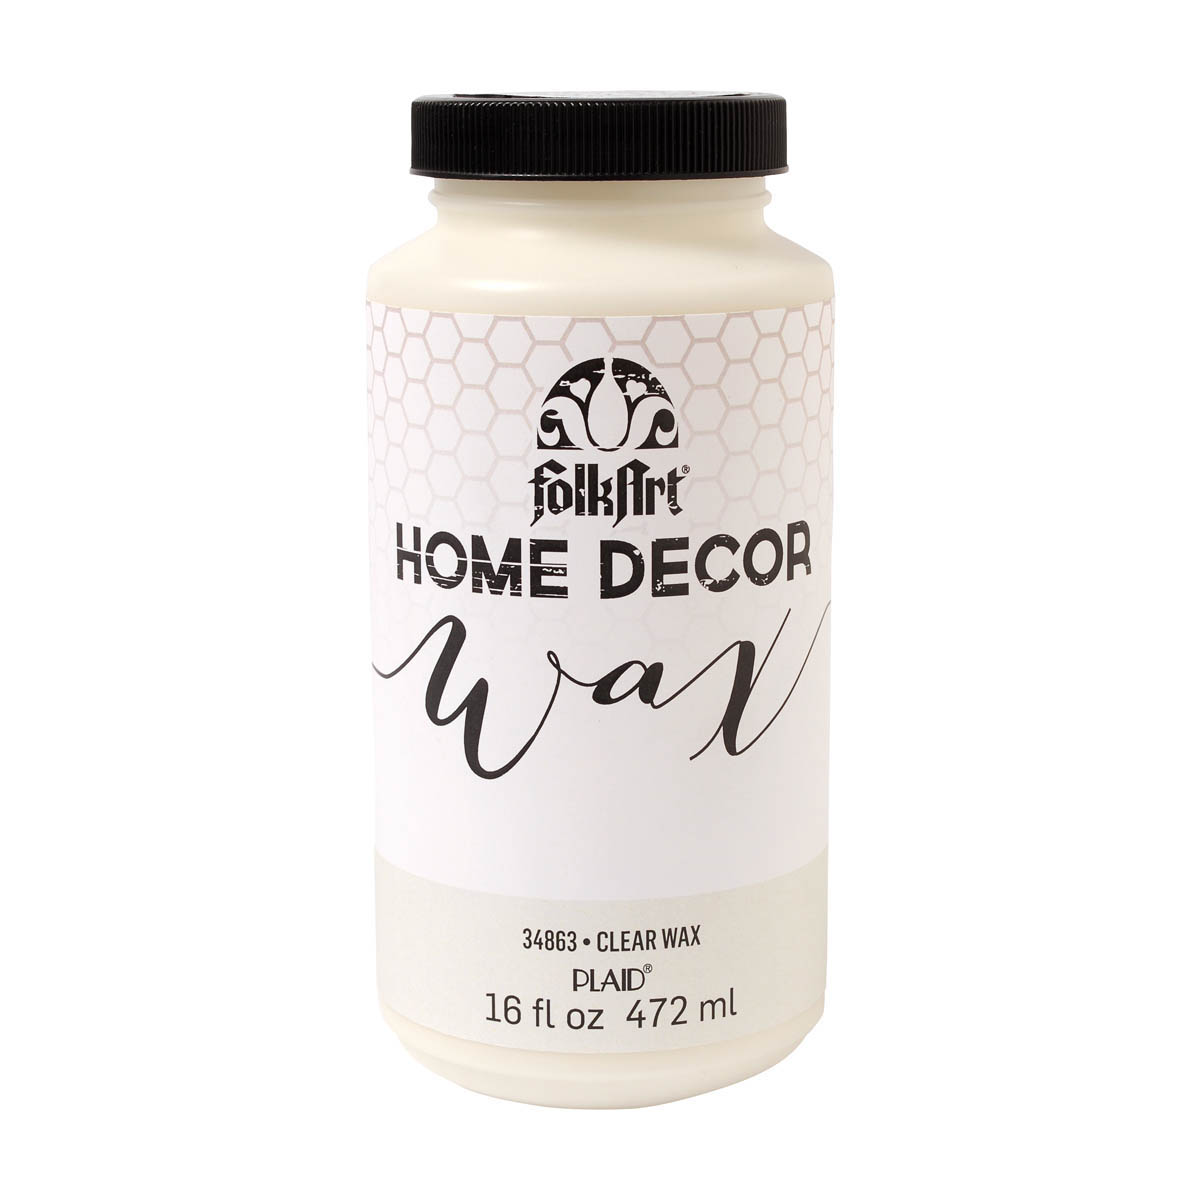 FolkArt ® Home Decor™ Wax - Clear, 16 oz.